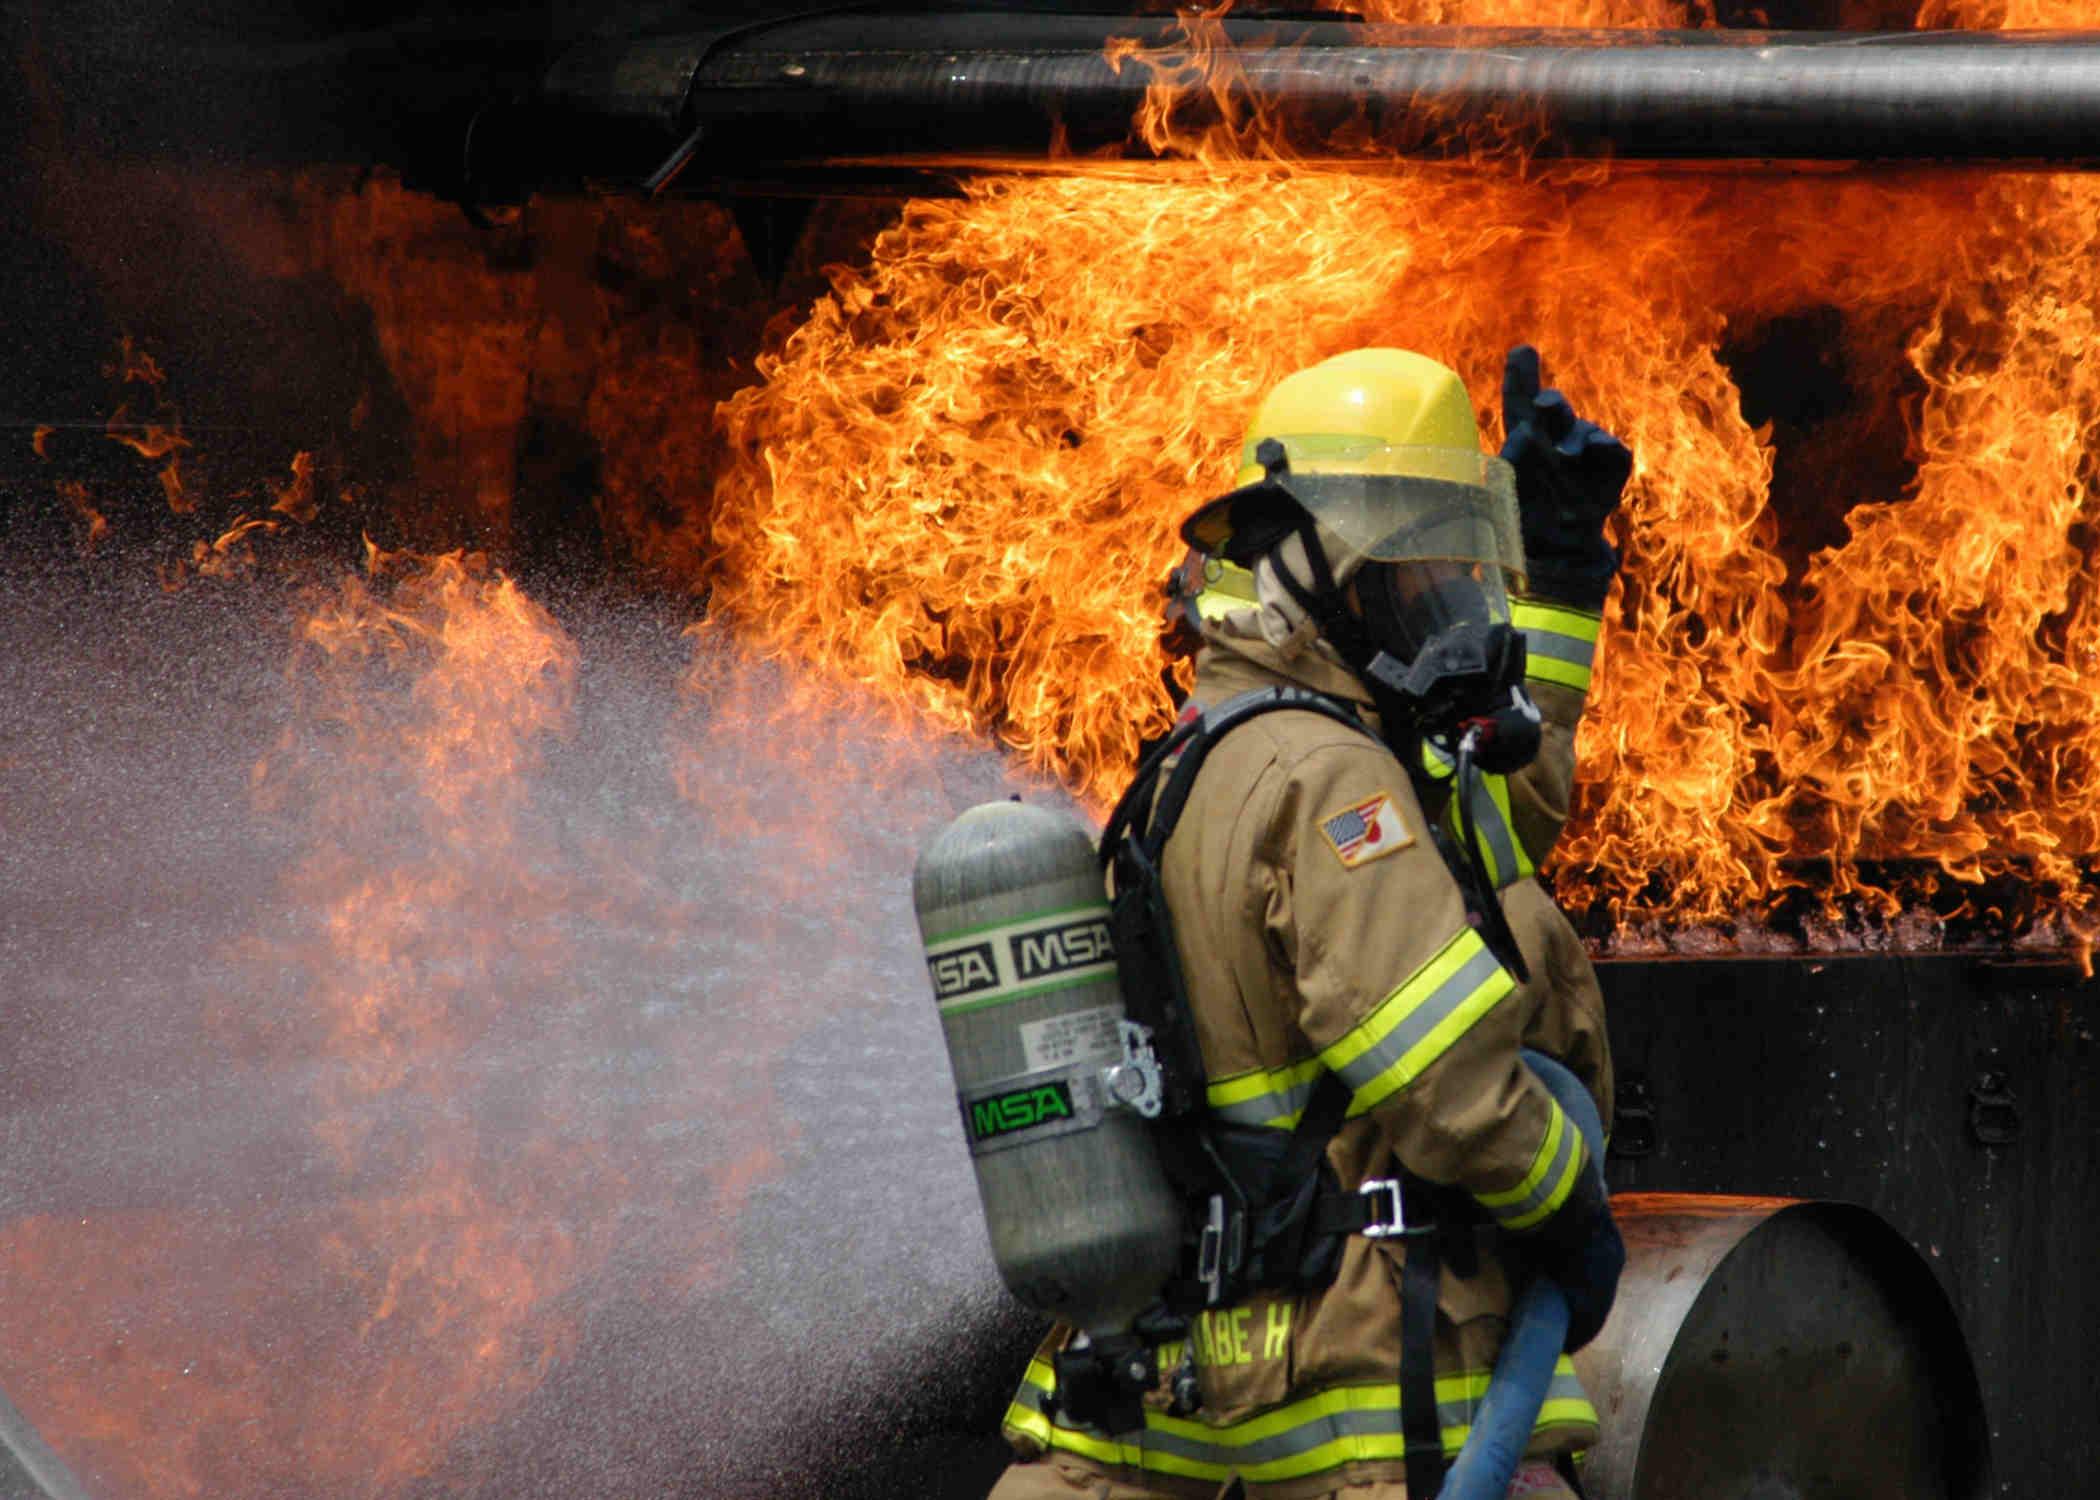 Firefighter blog sites